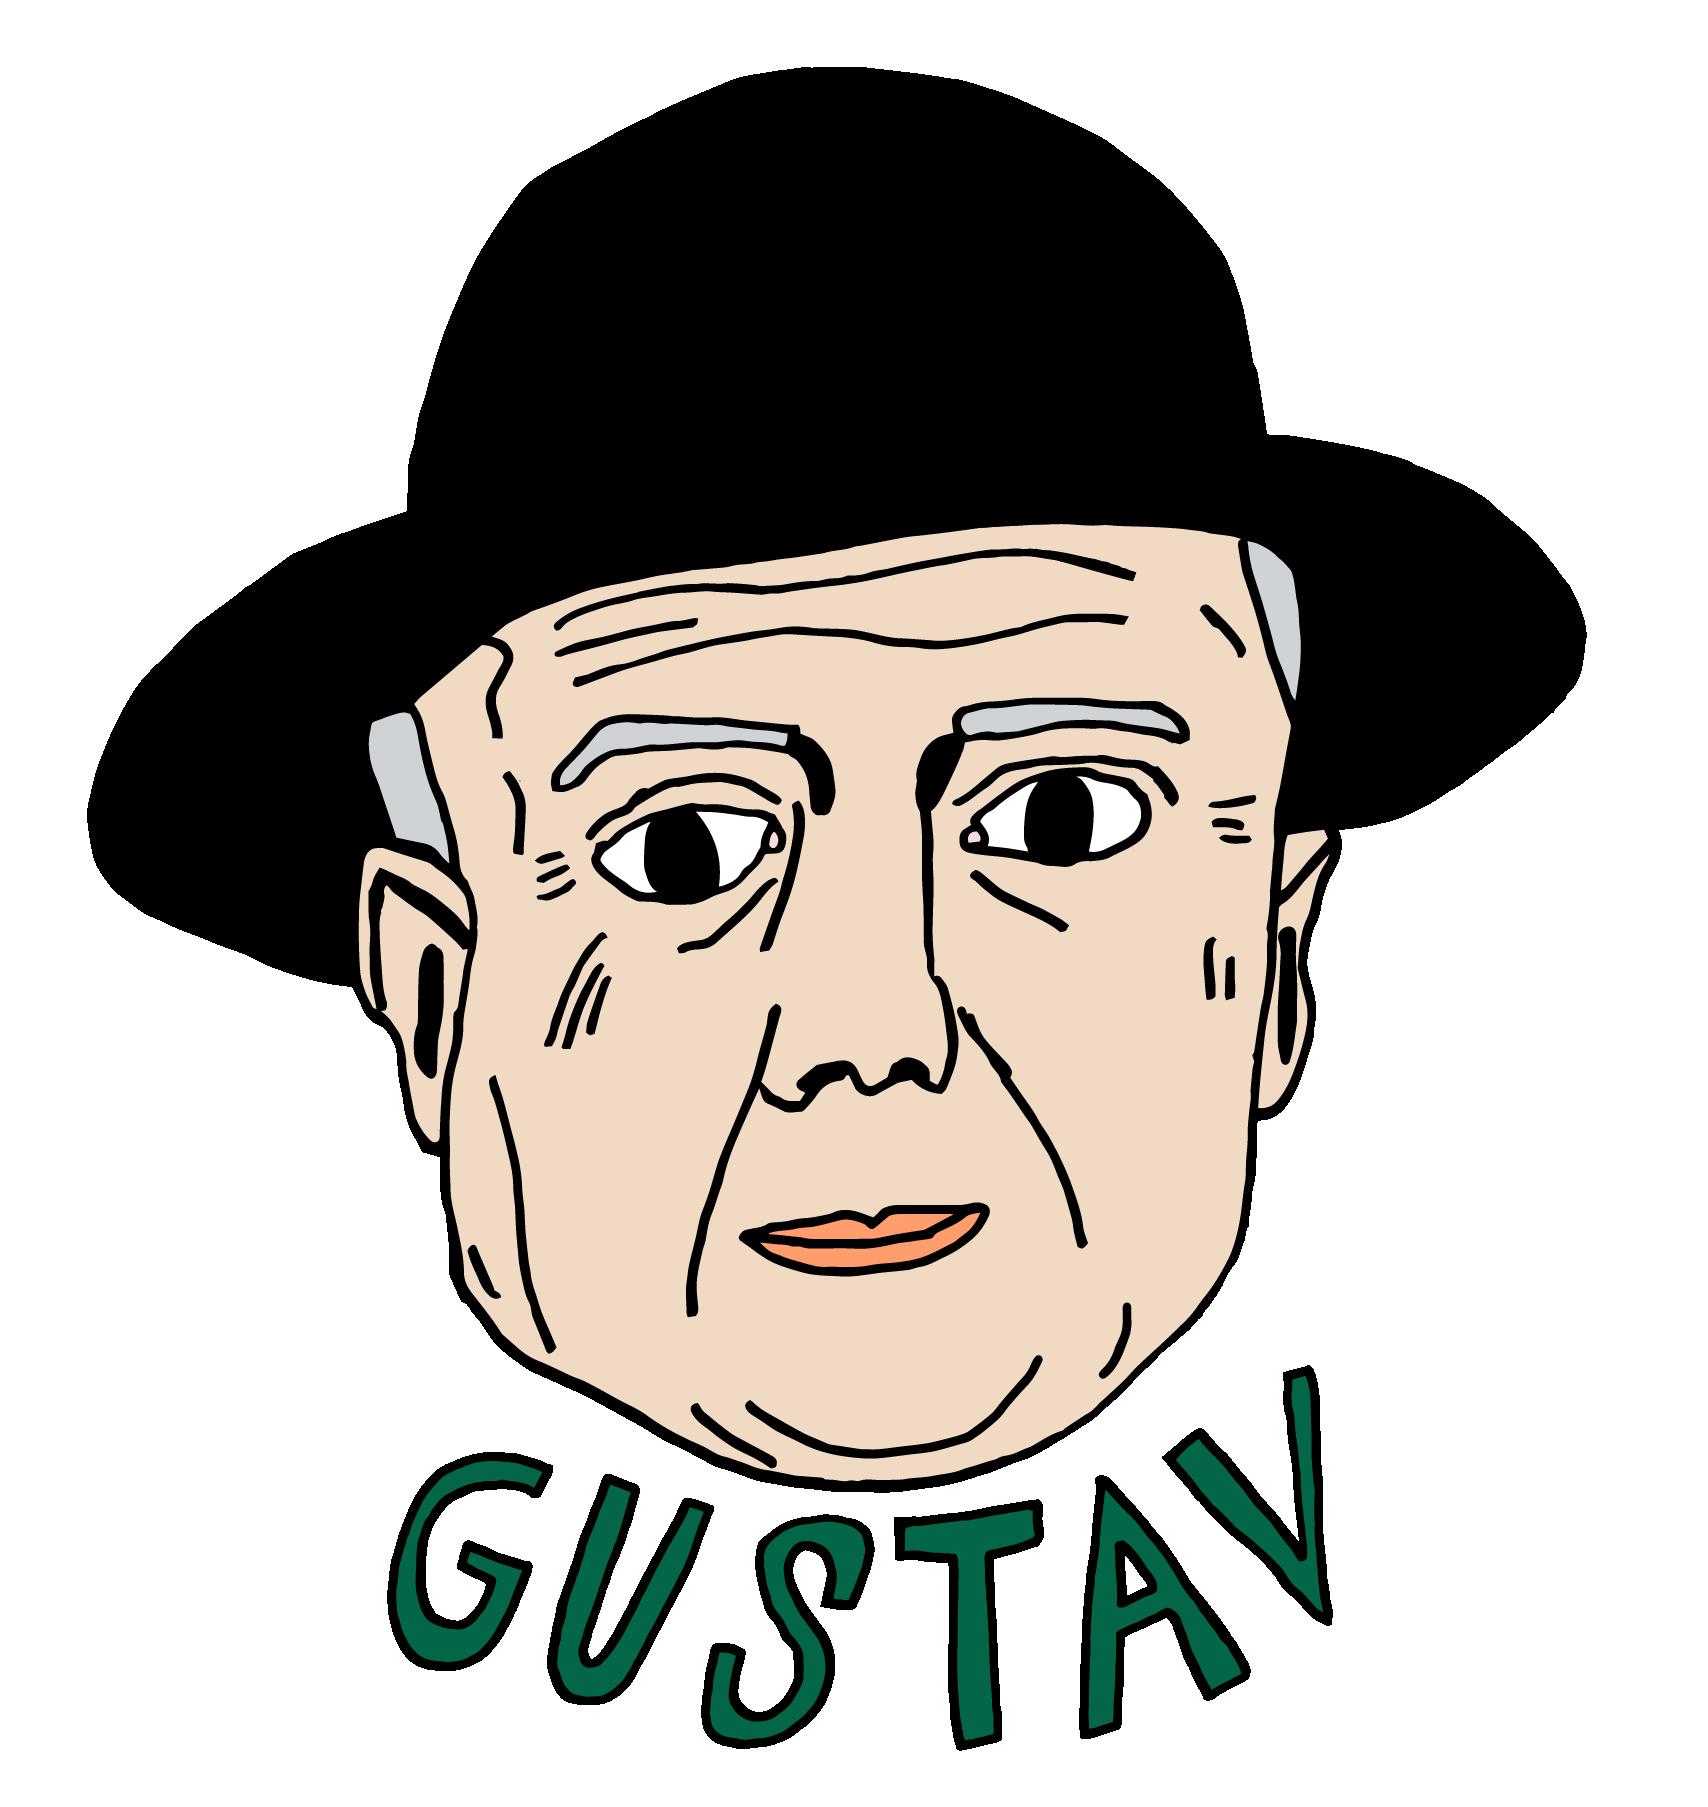 gustav_logo